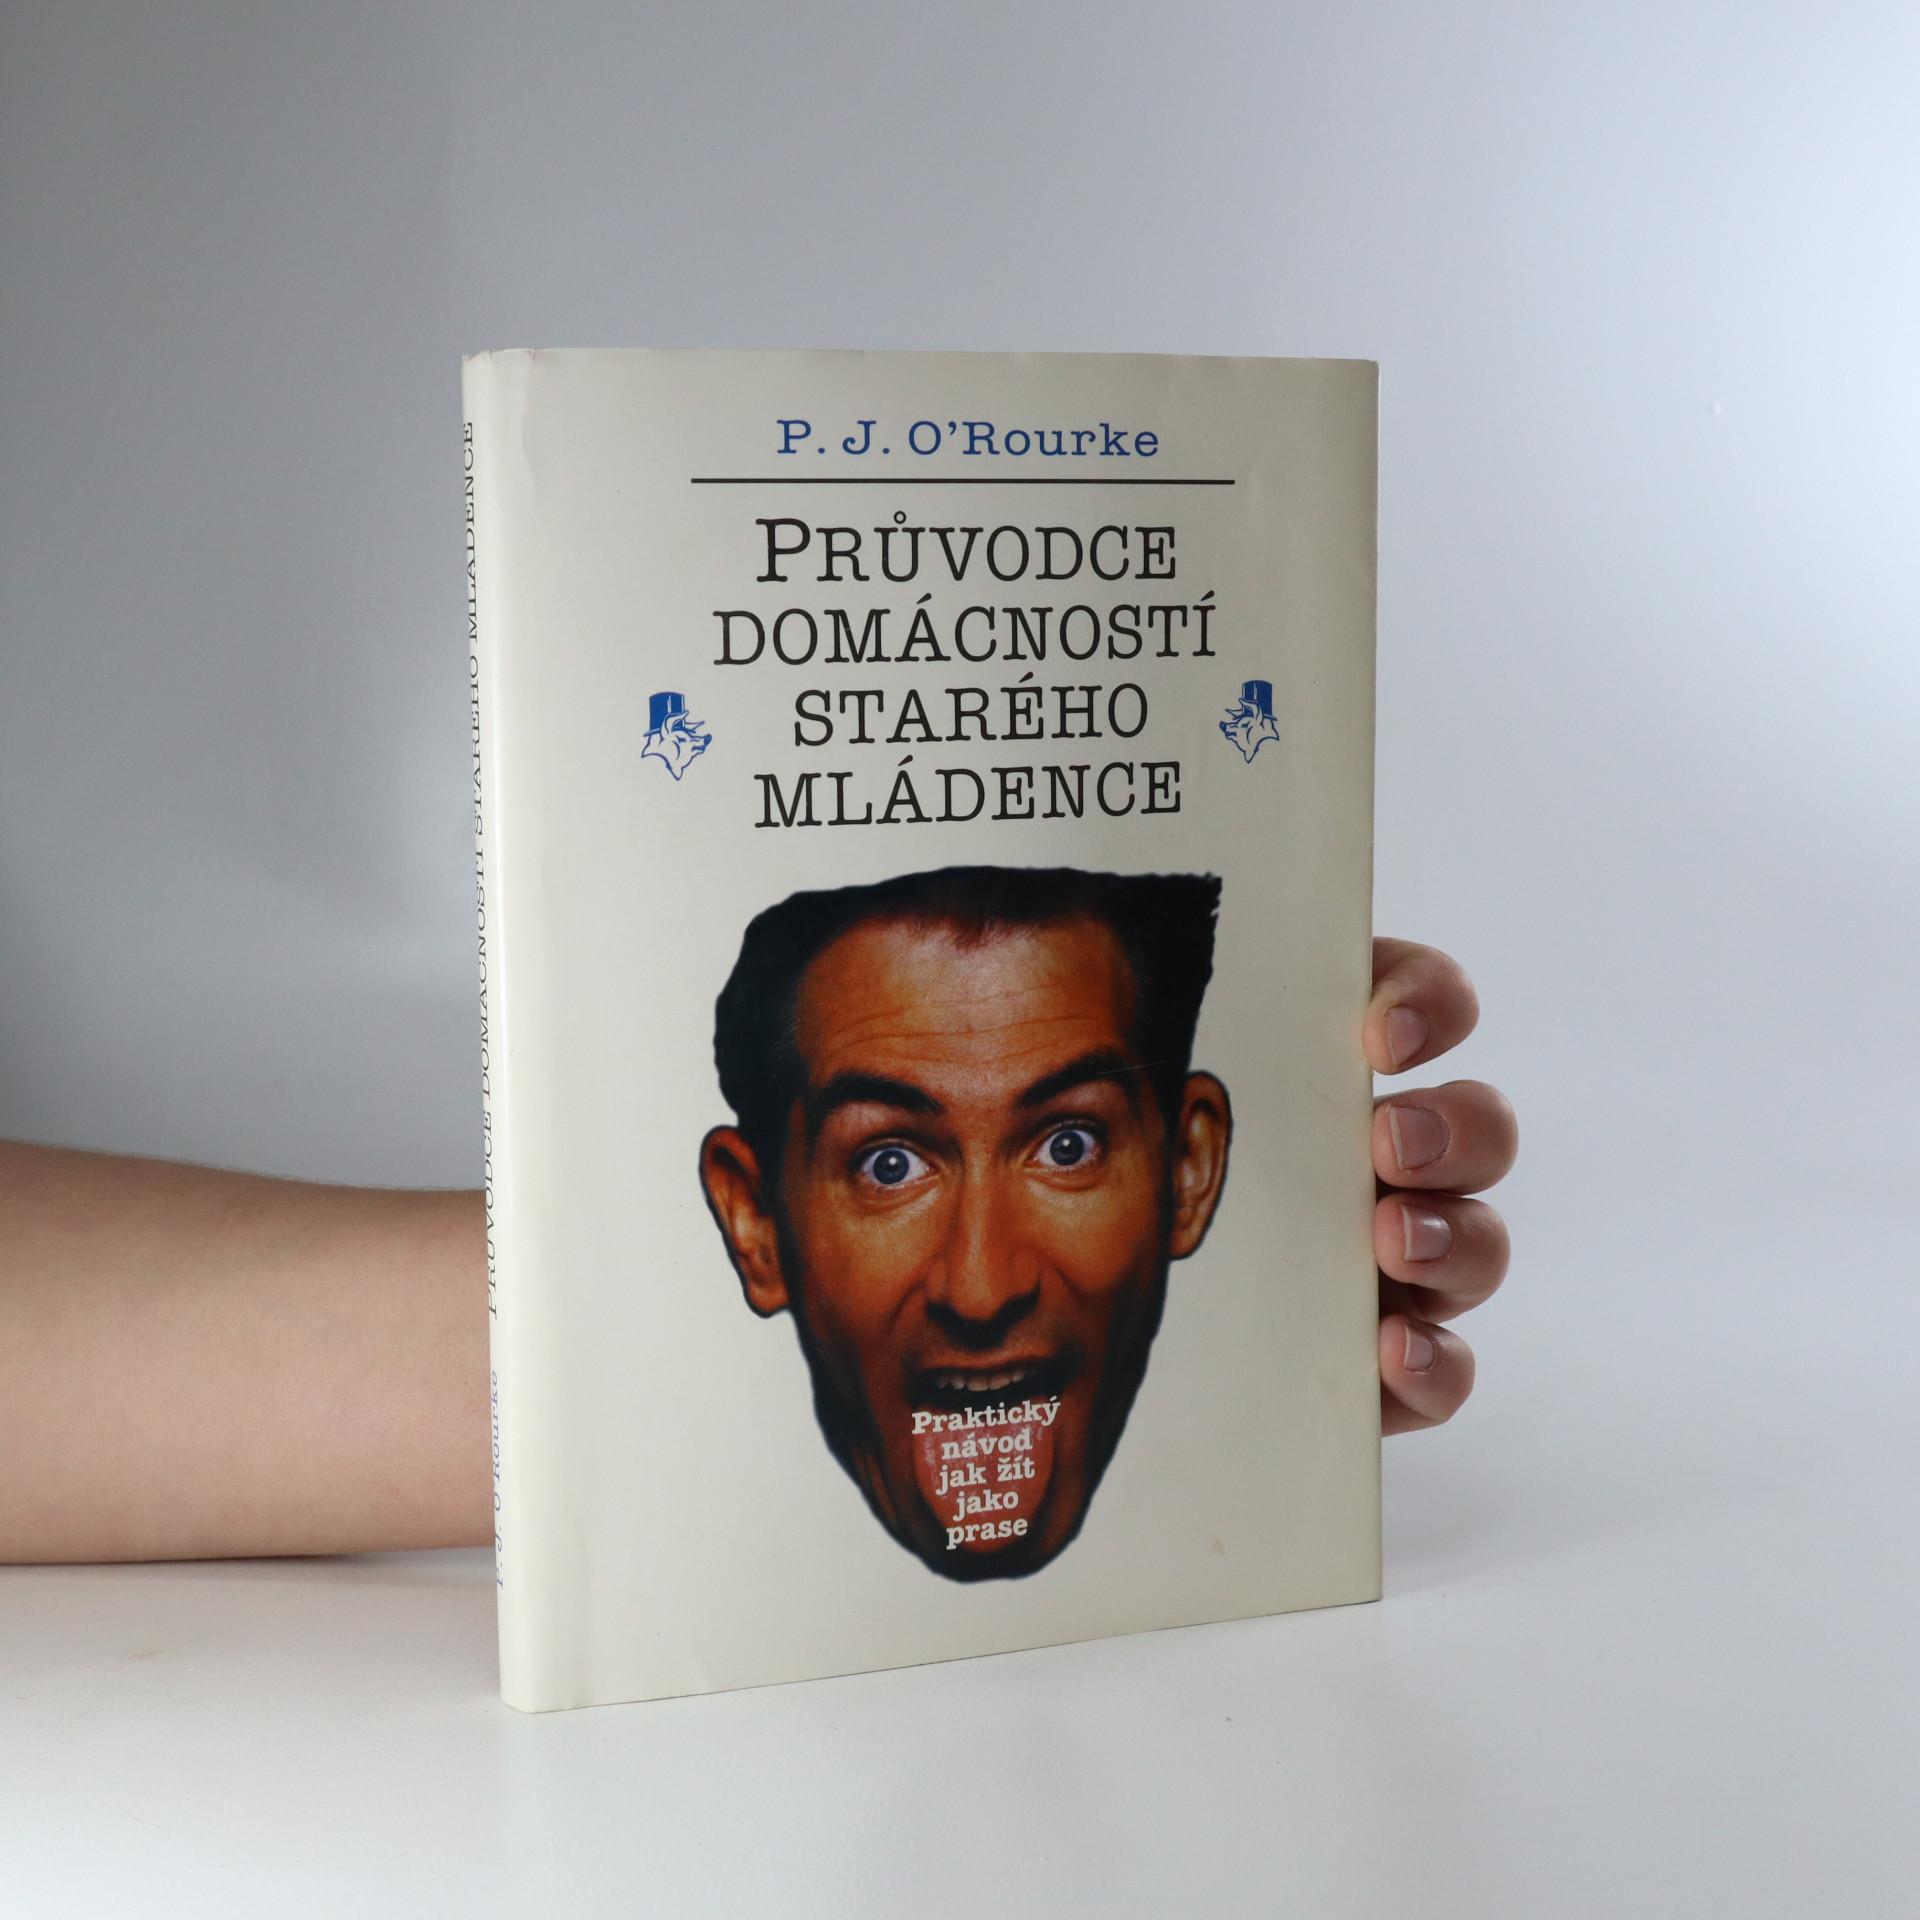 antikvární kniha Průvodce domácností starého mládence. Praktický návod jak žít jako prase, 1996